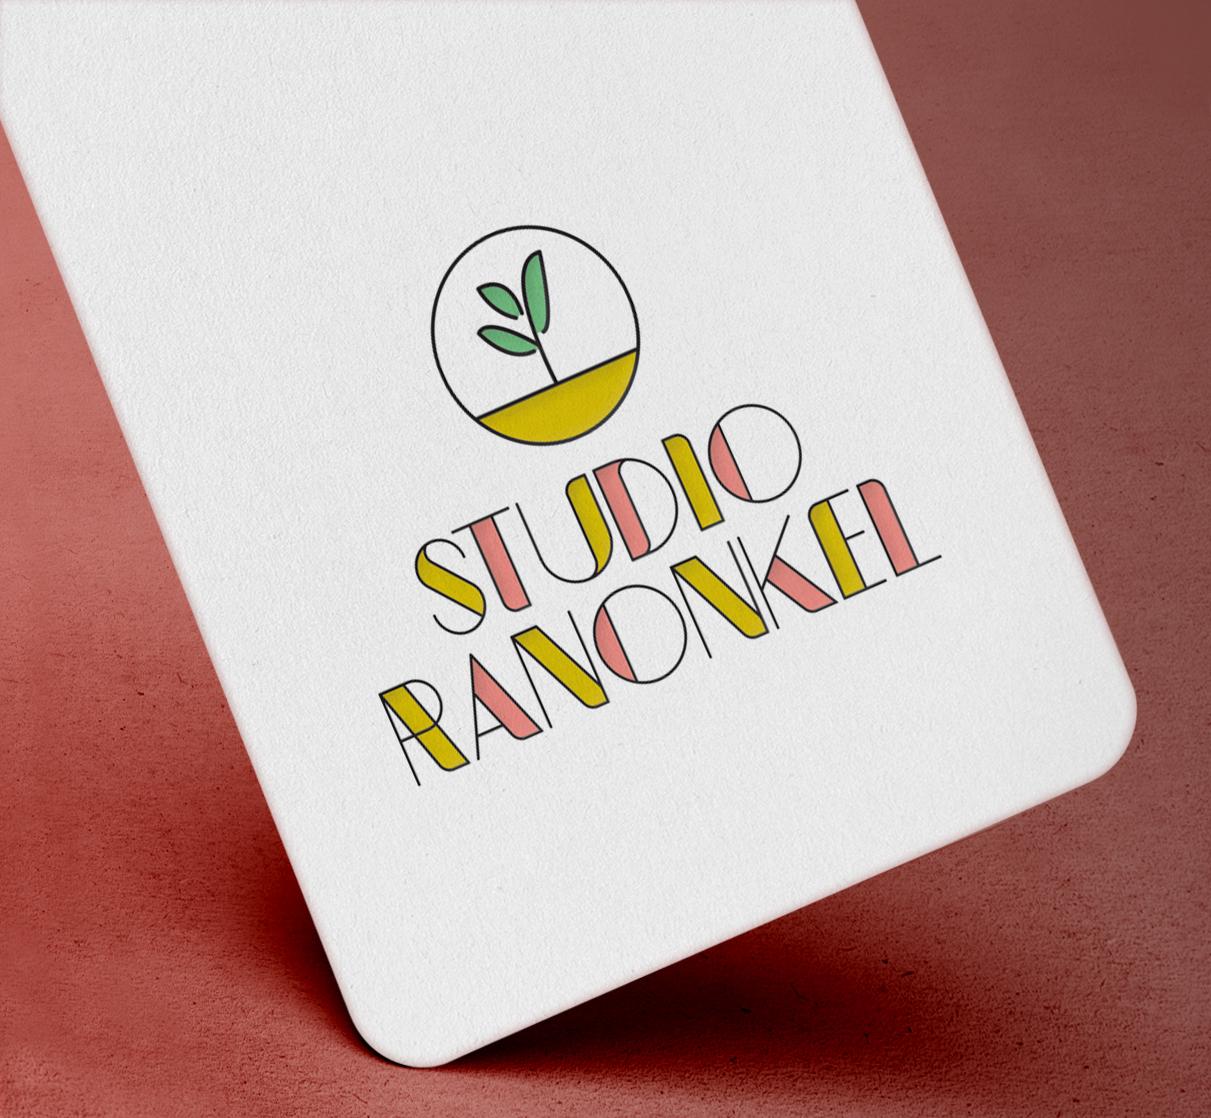 studio-ranaonkel-card2.jpg